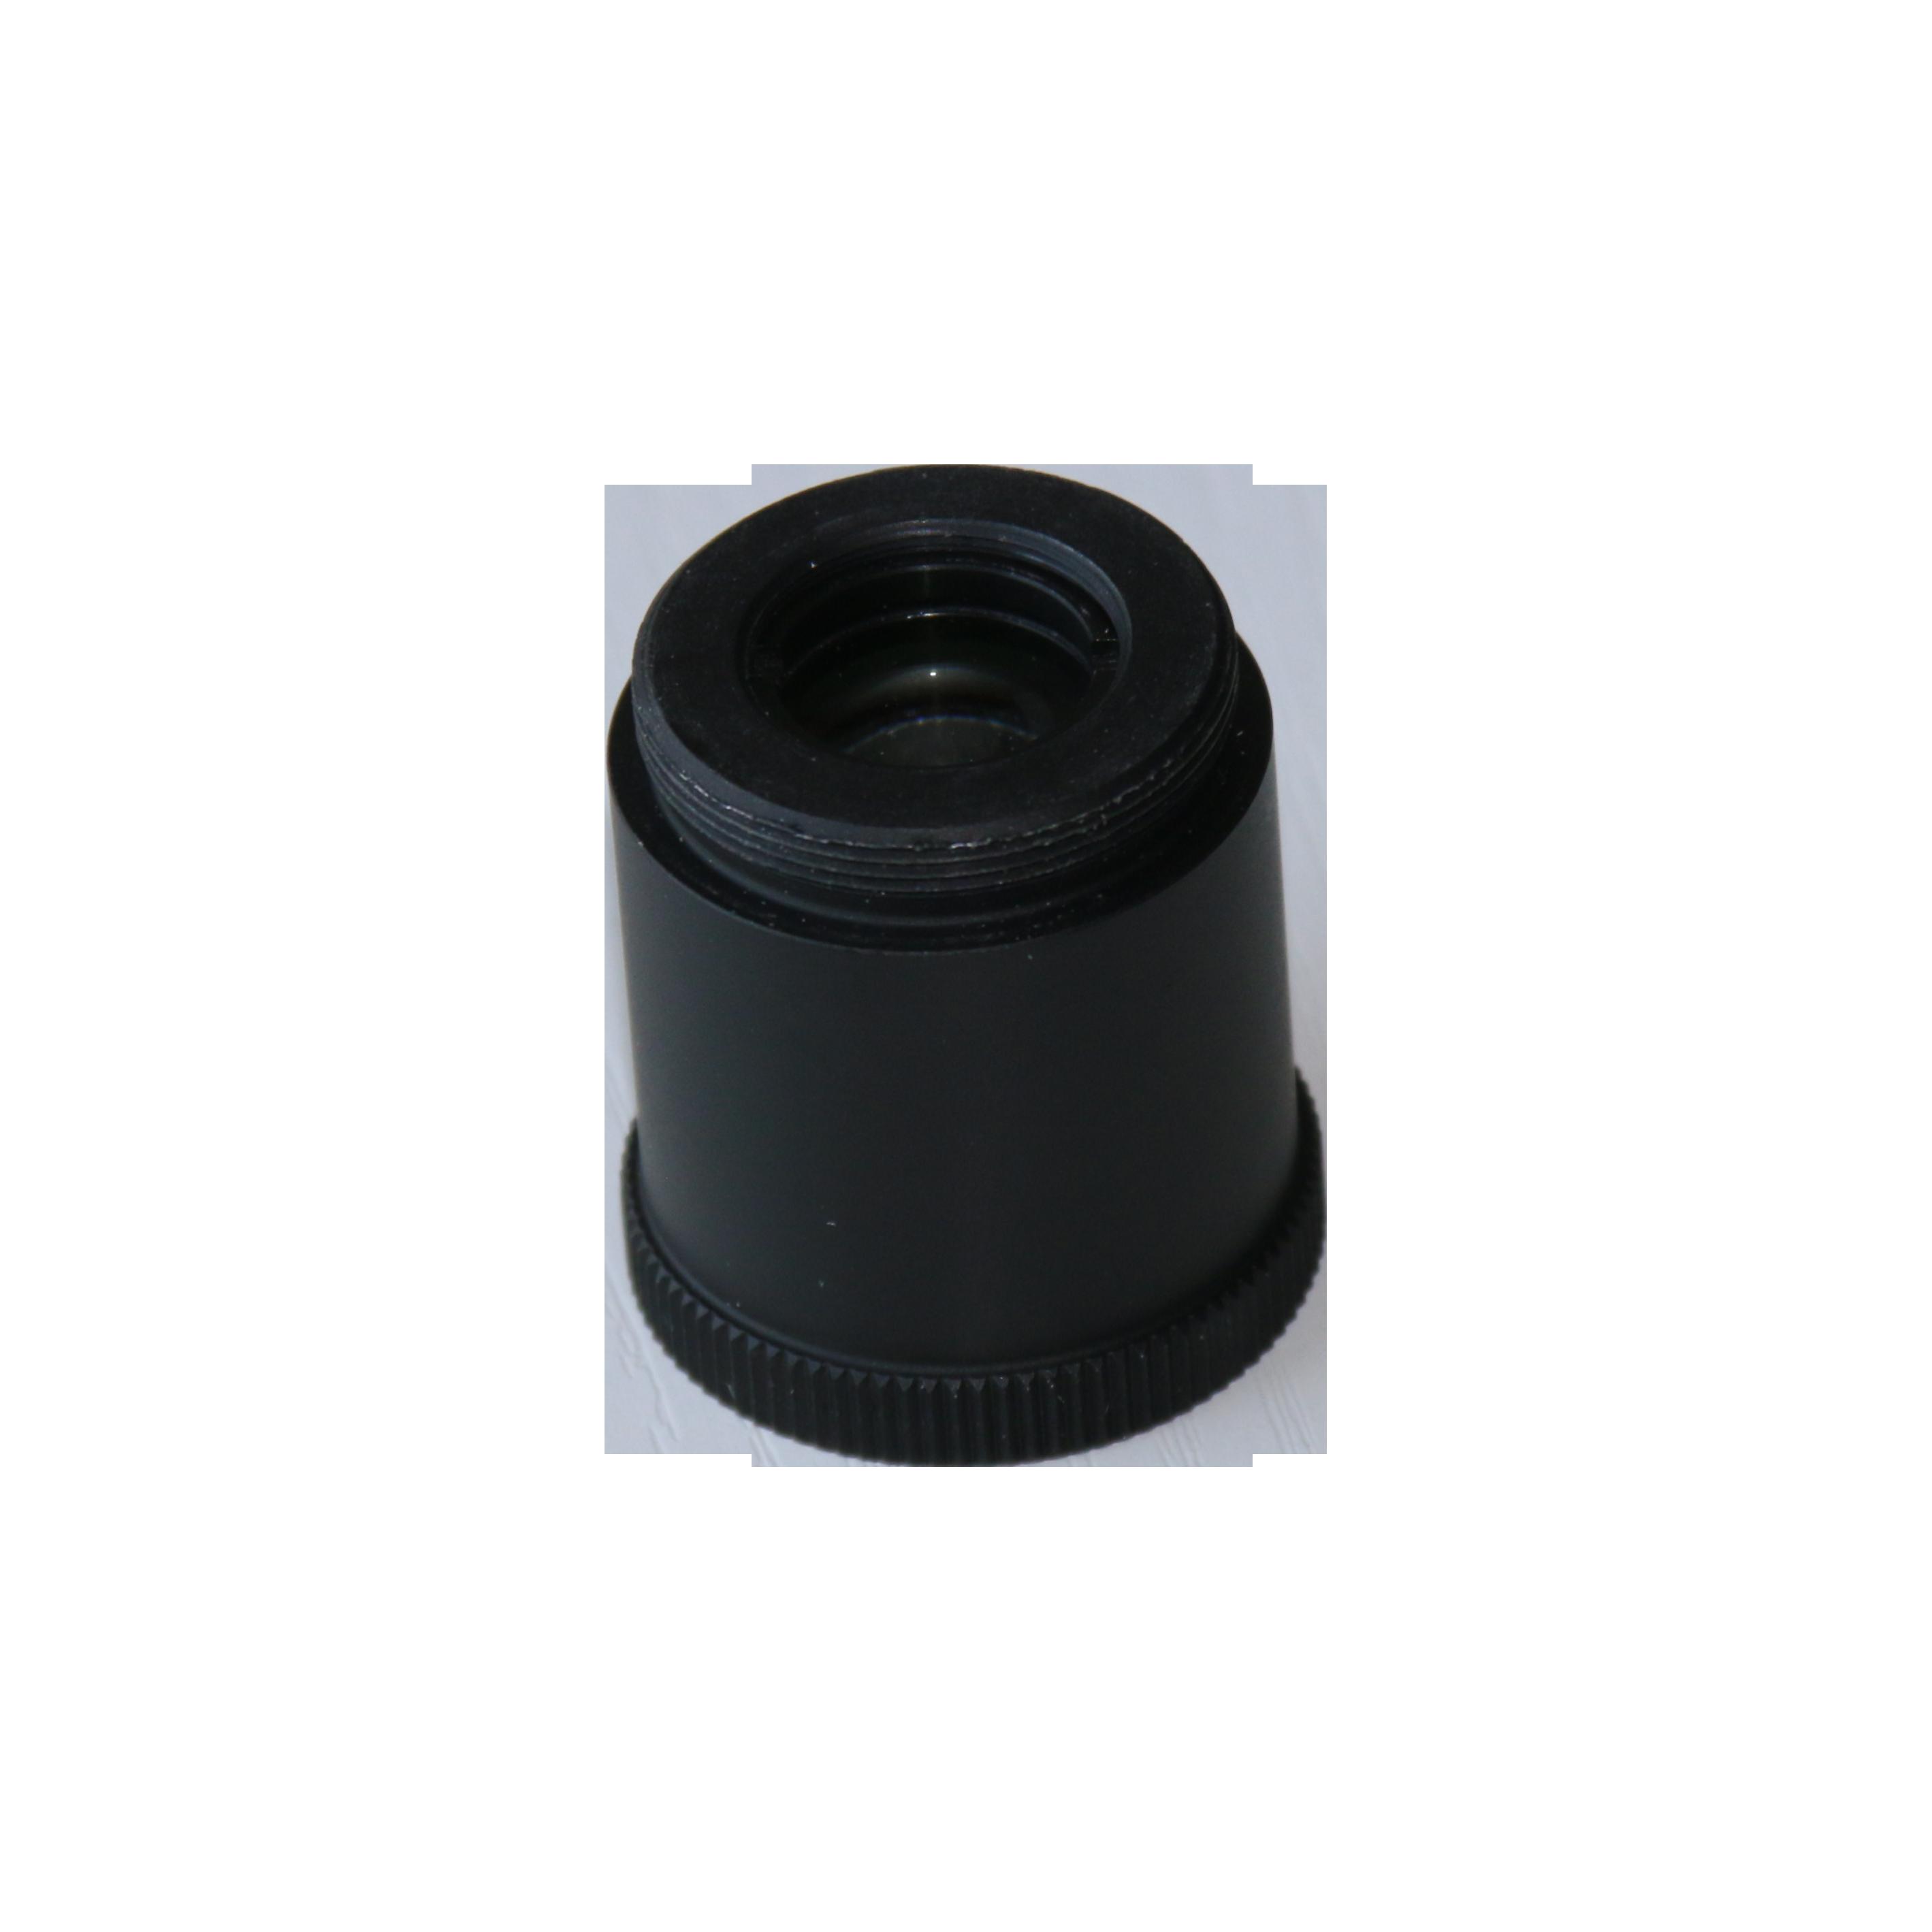 BT-C2.0S增倍镜